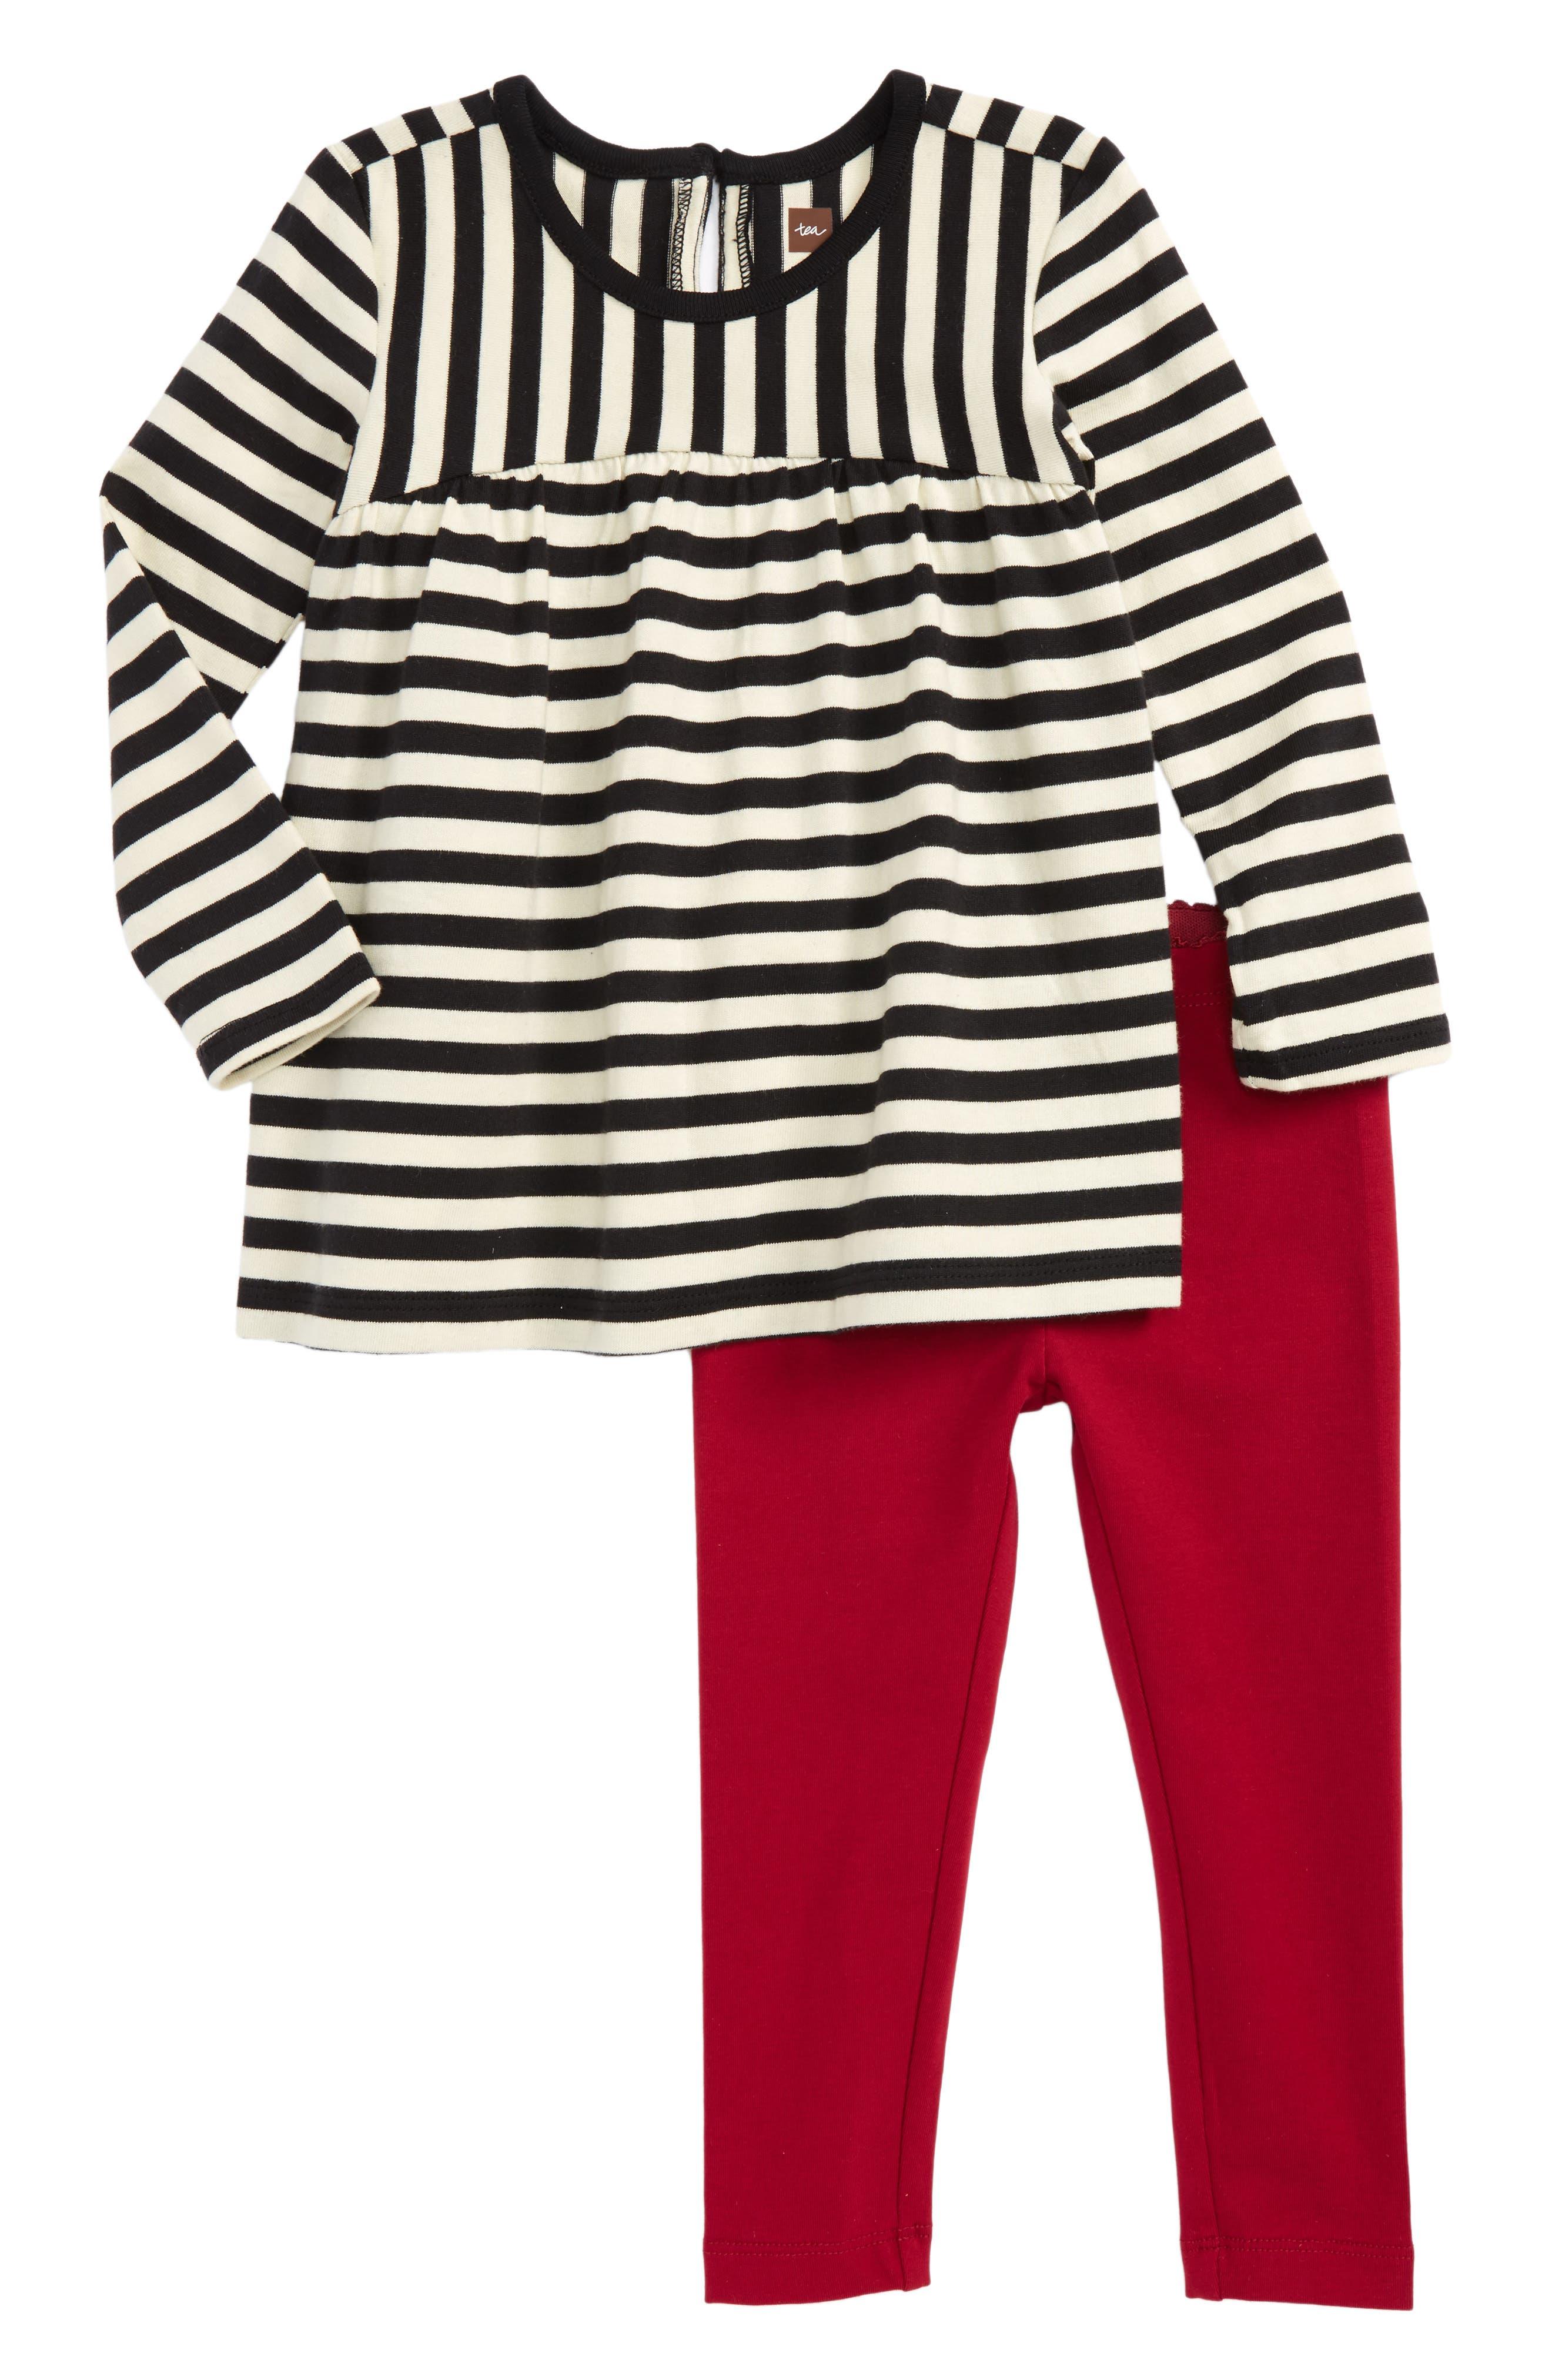 Main Image - Tea Collection Jura Stripe Top & Leggings Set (Baby Girls & Toddler Girls)